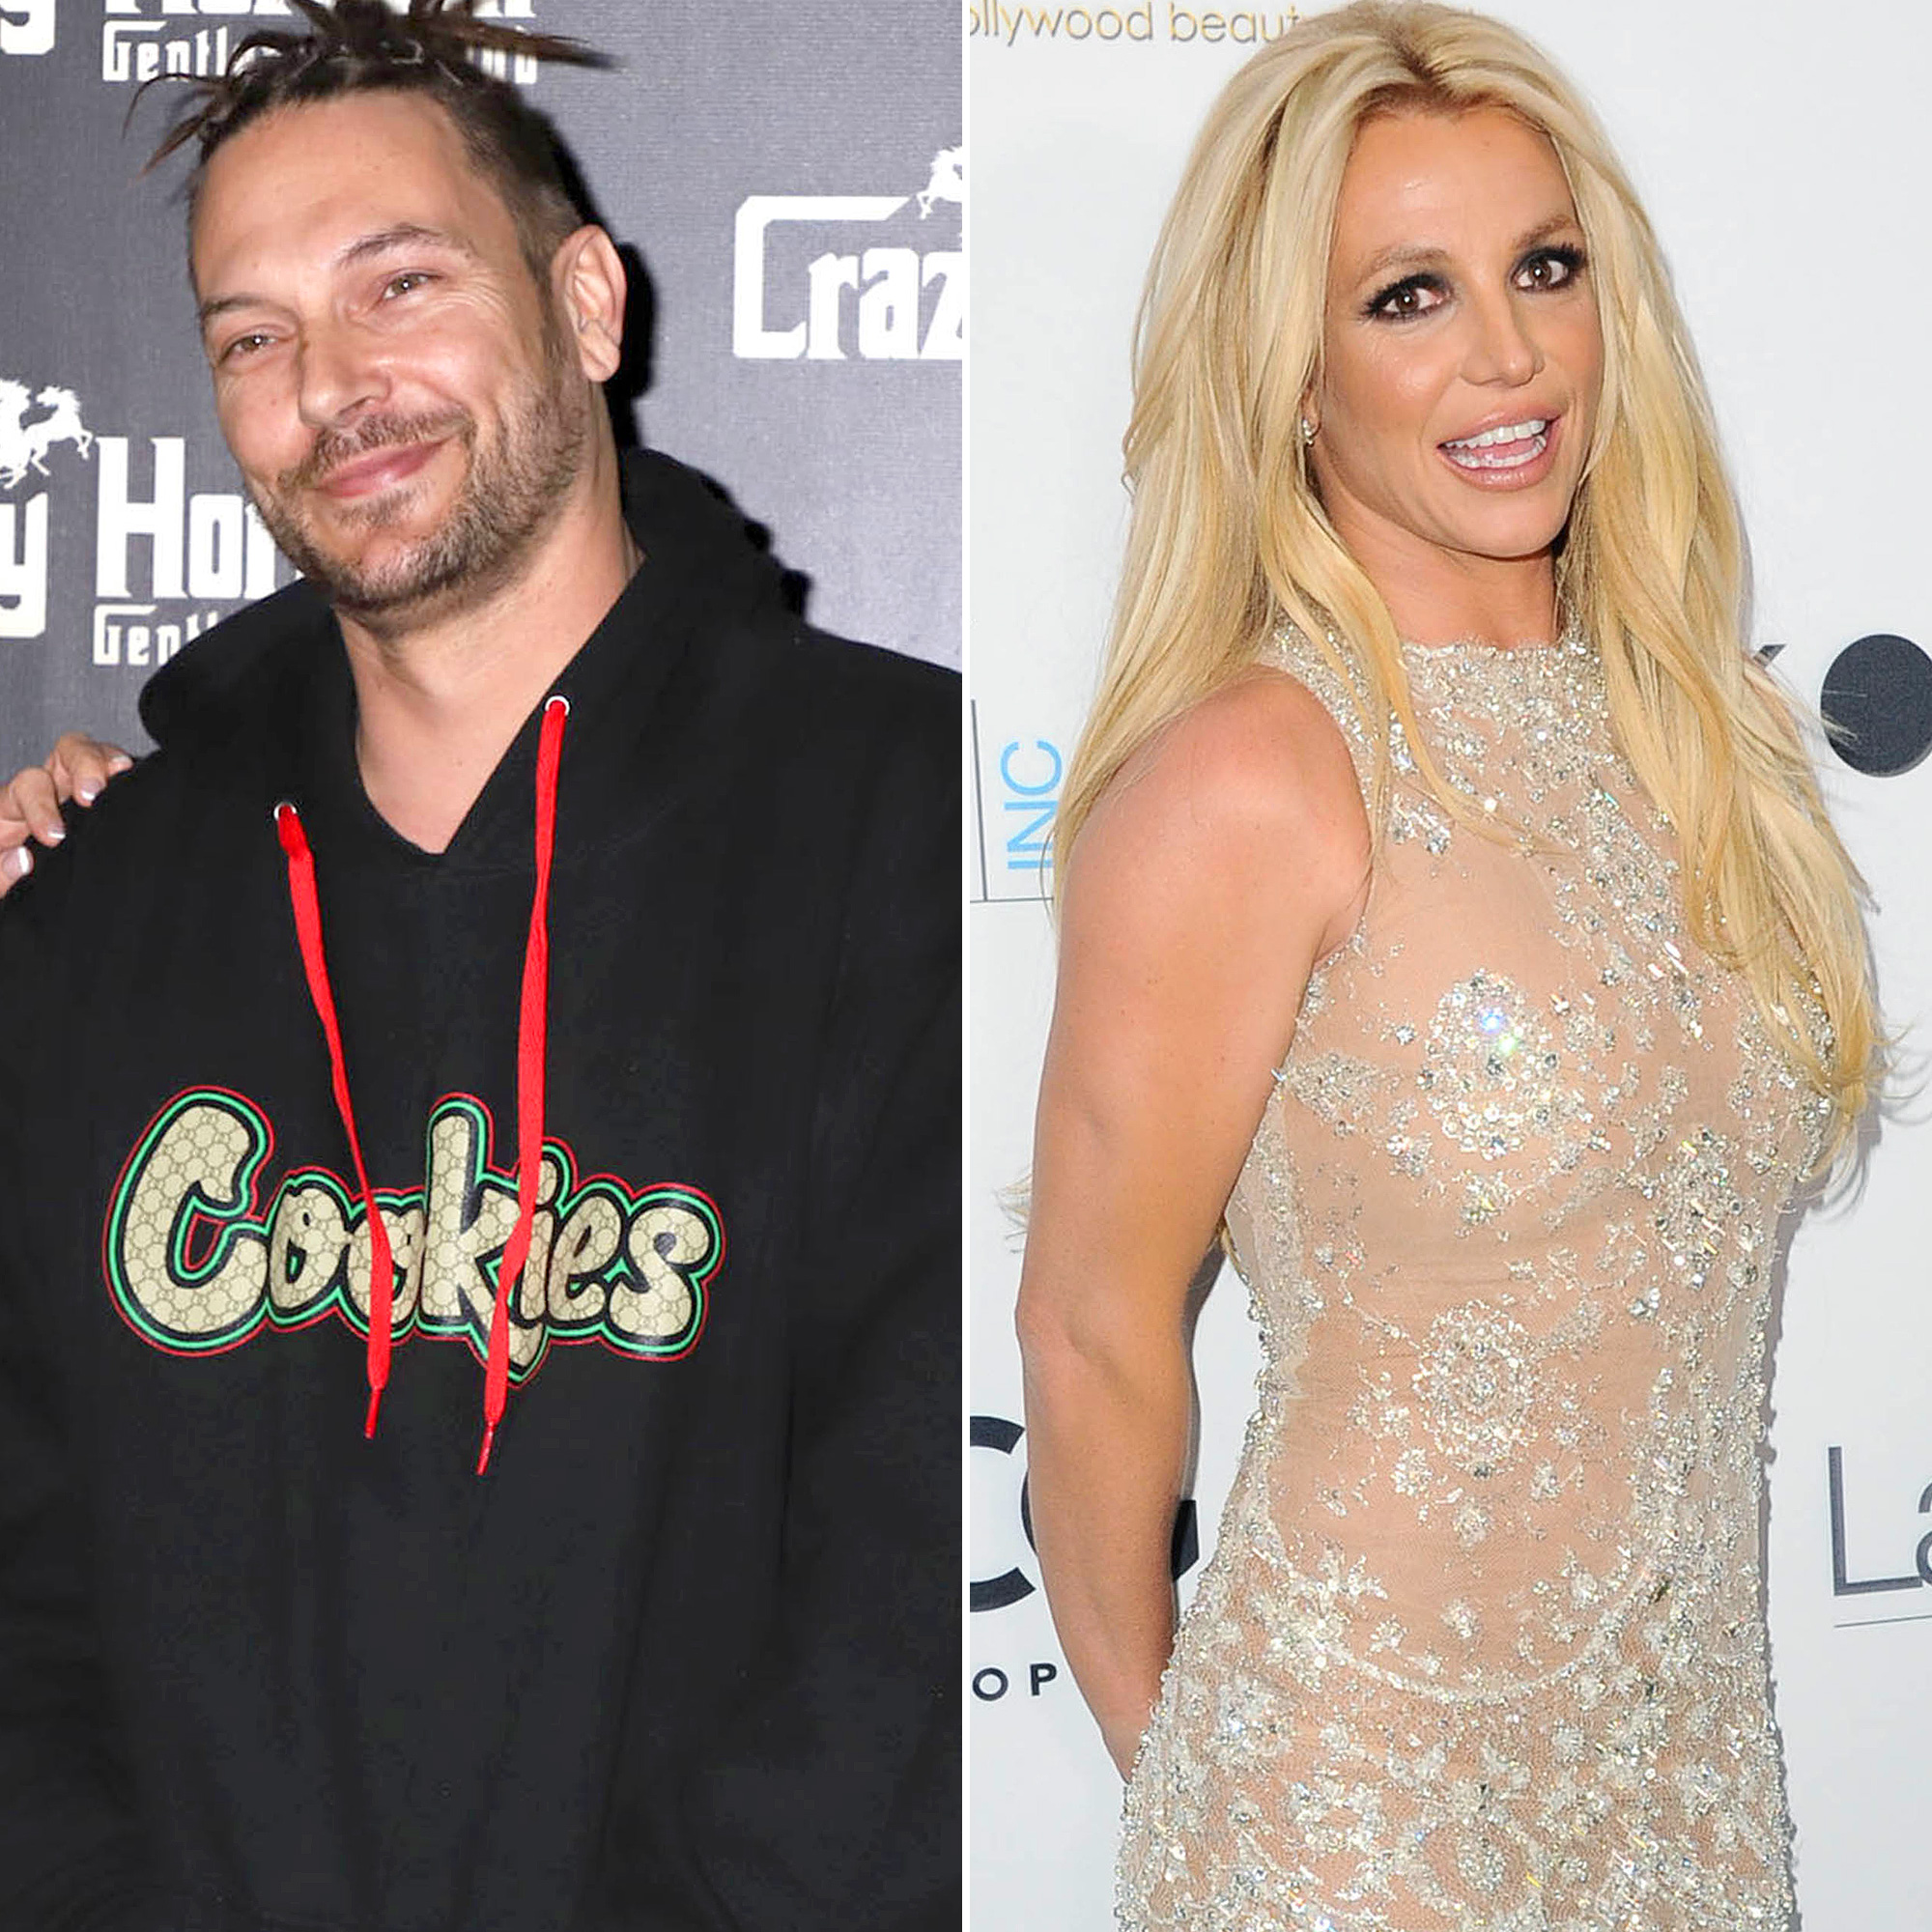 Britney spears dating timeline after divorce